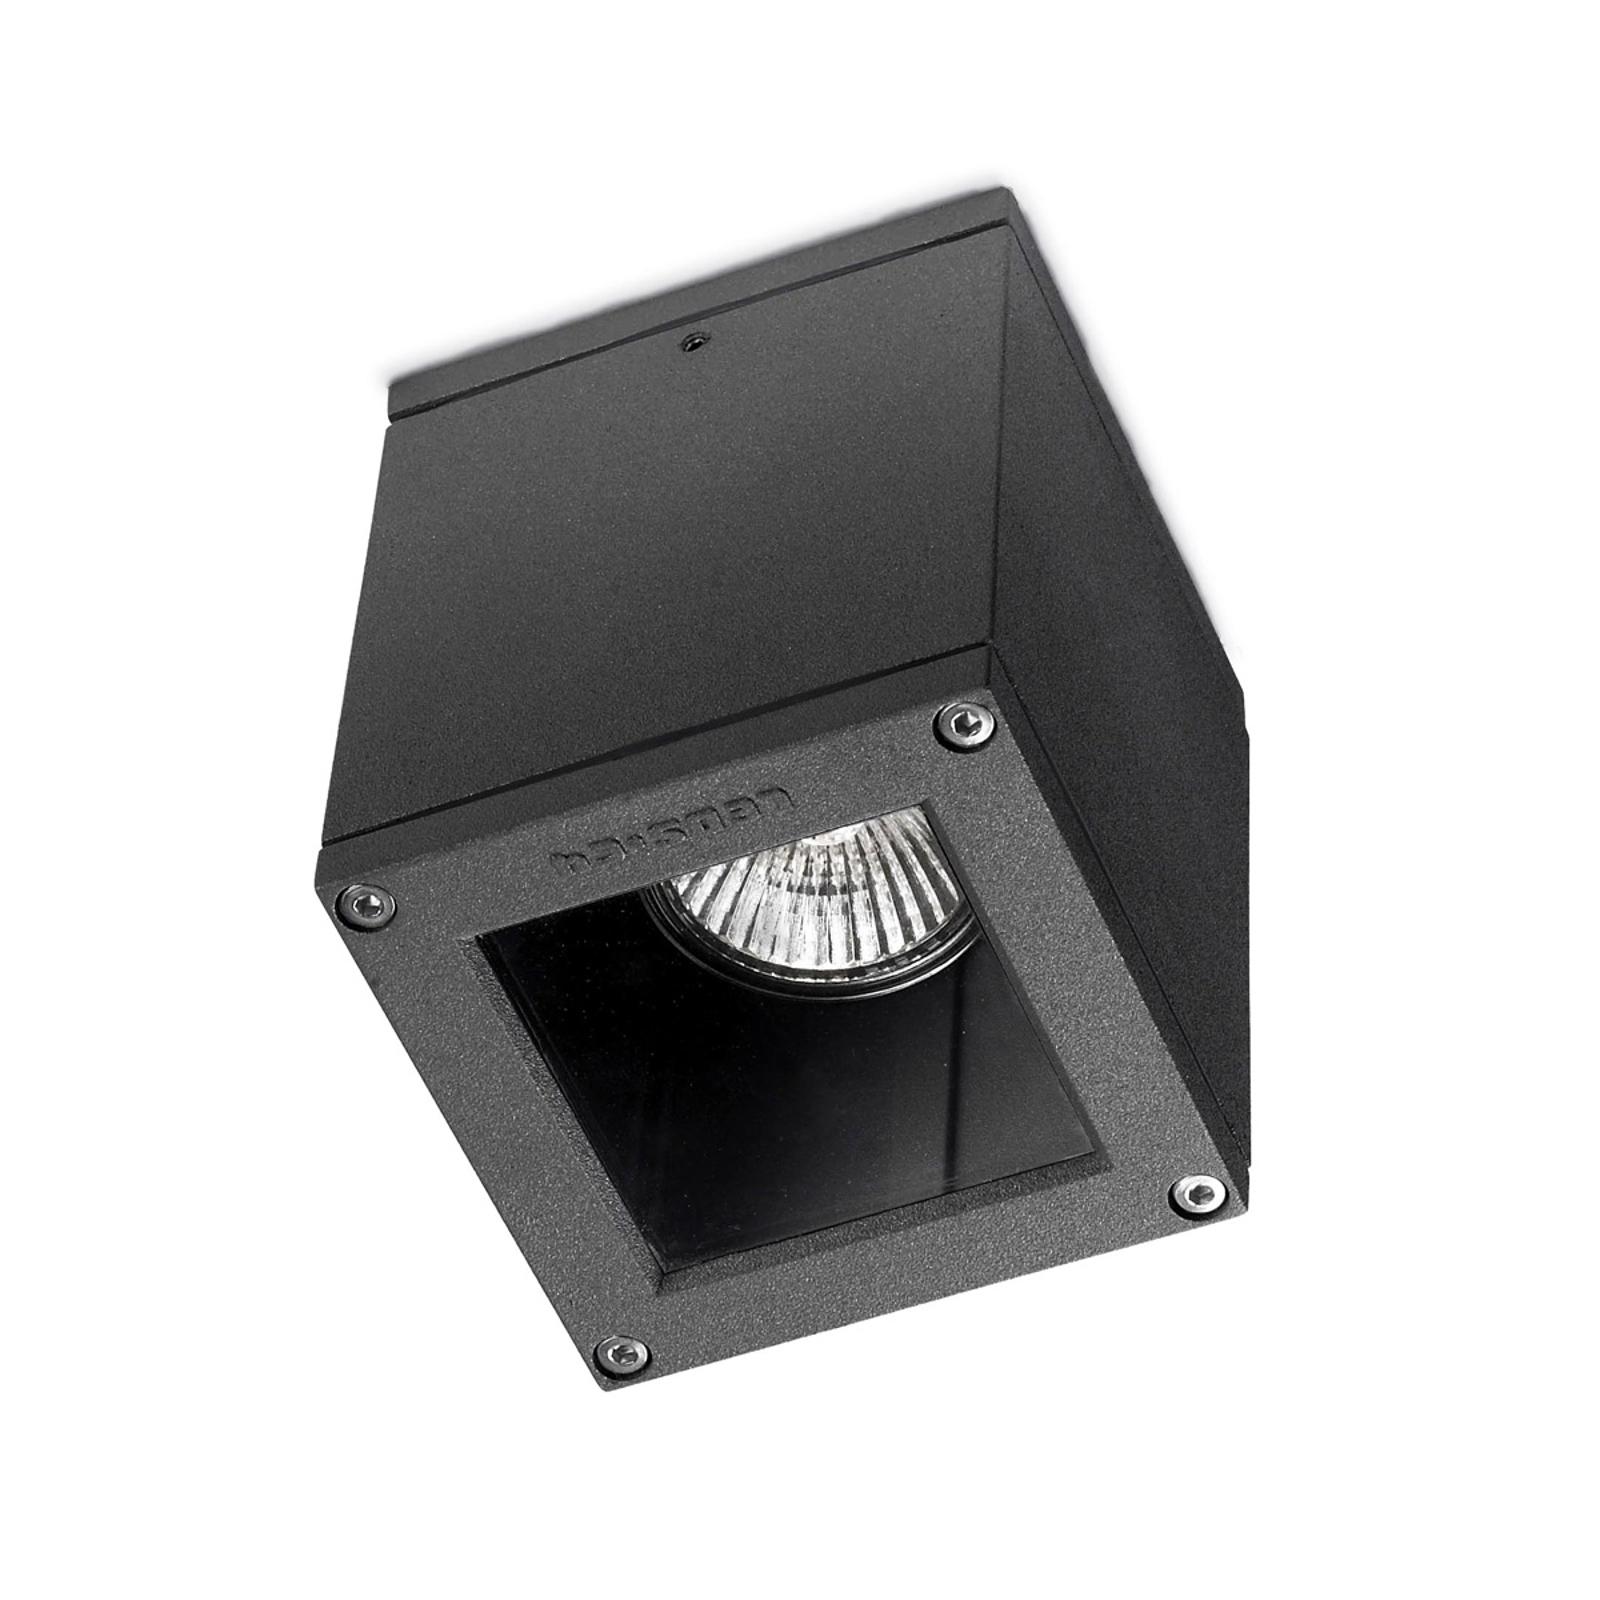 Mała lampa sufitowa zewnętrzna AFRODITA, antracyt